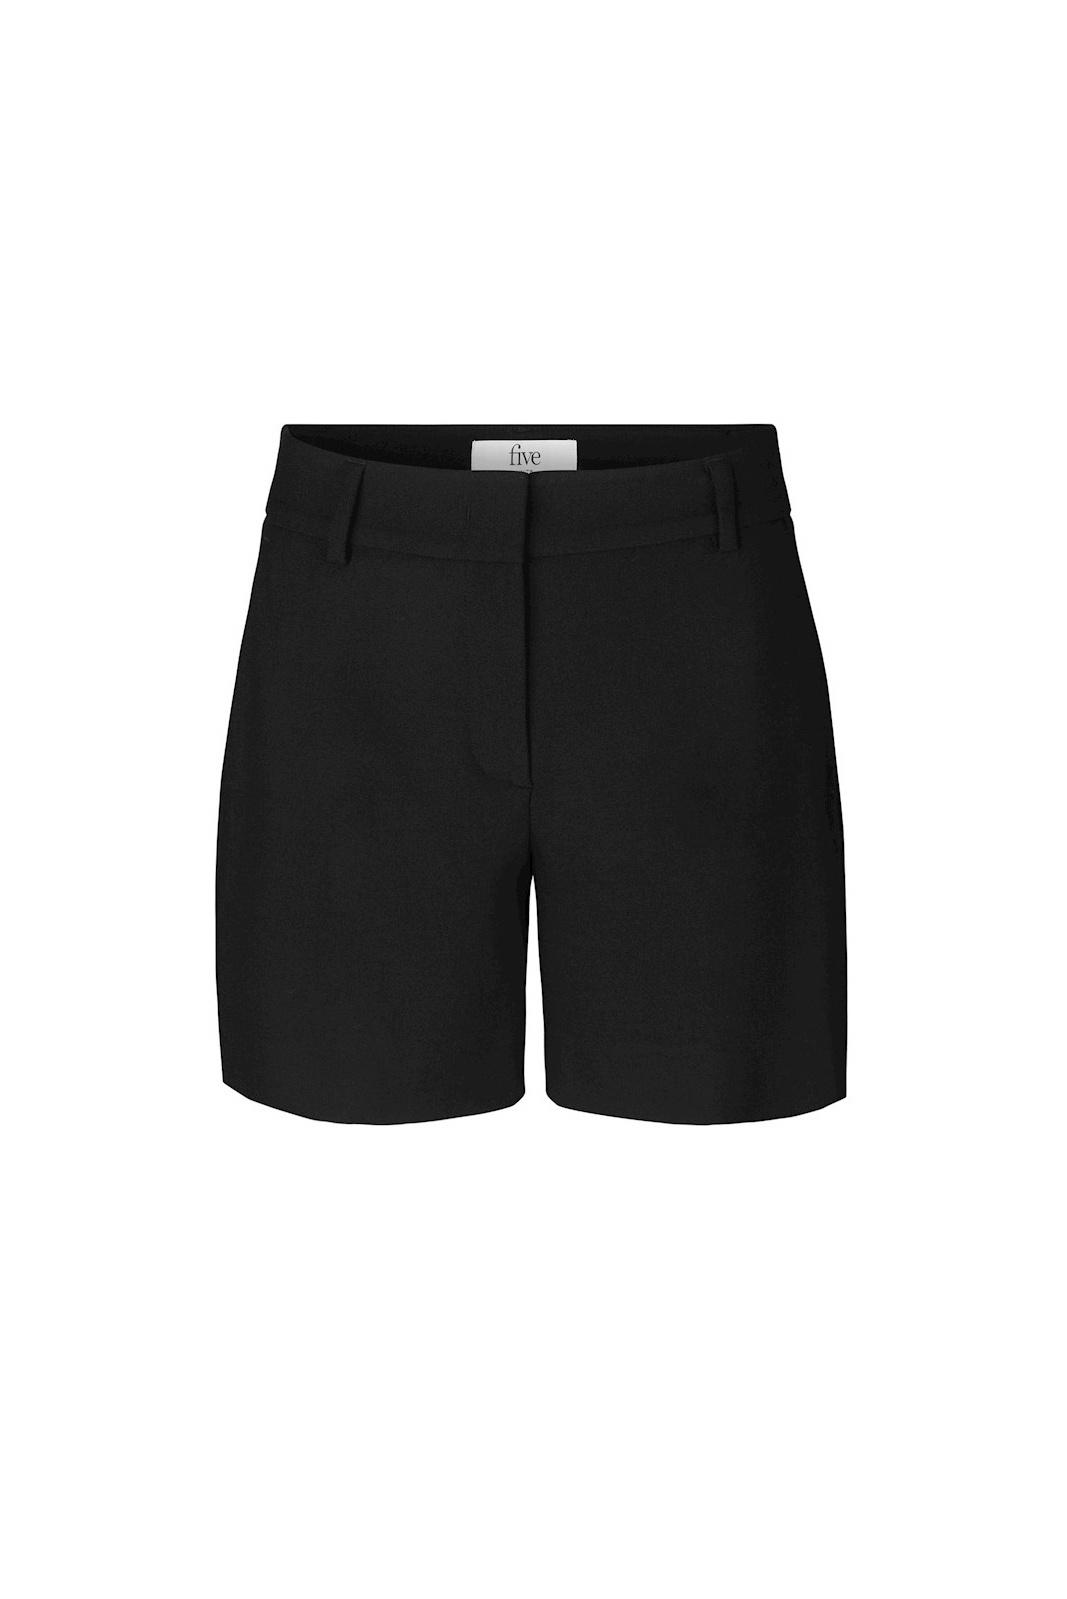 Dena Shorts 396 - Black-1